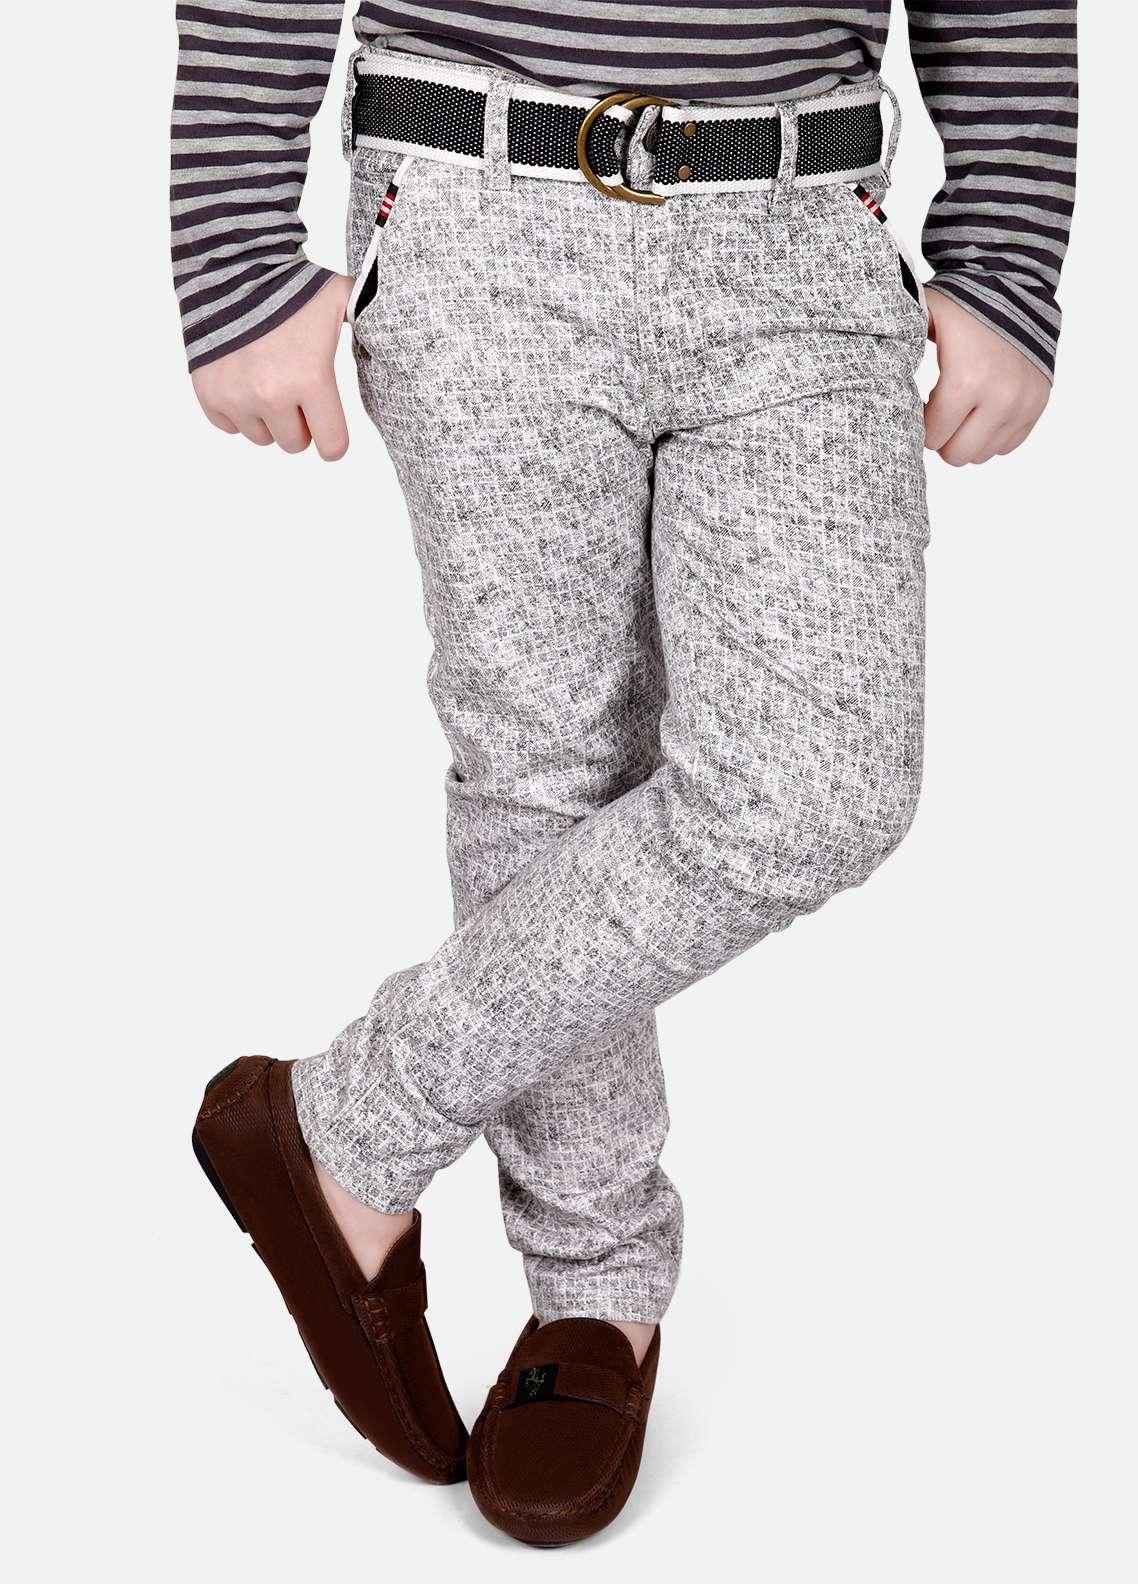 Edenrobe Cotton Printed Boys Pants - Grey EDK18P 5717